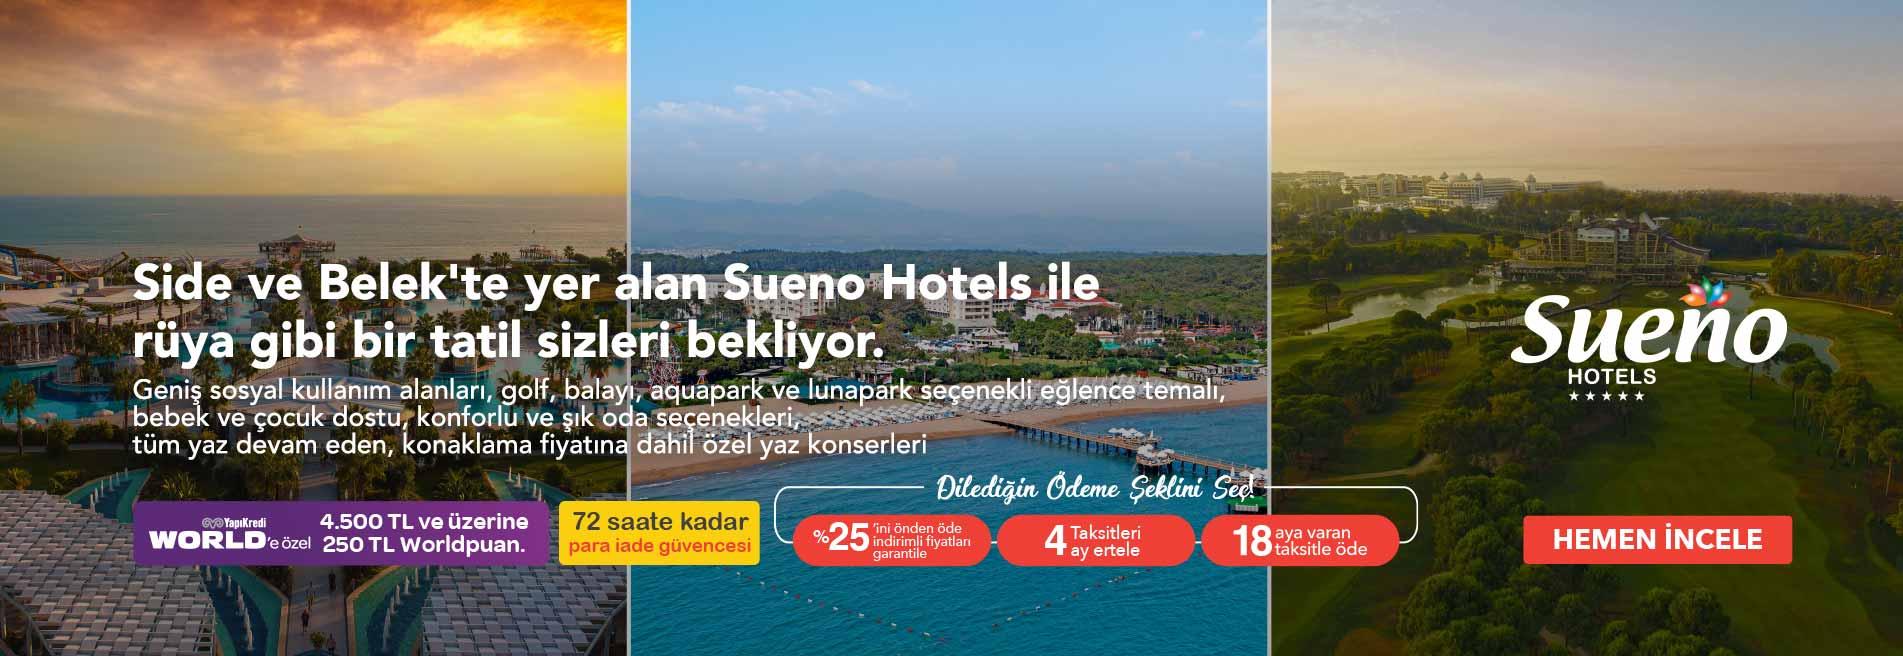 Sueno Hotel